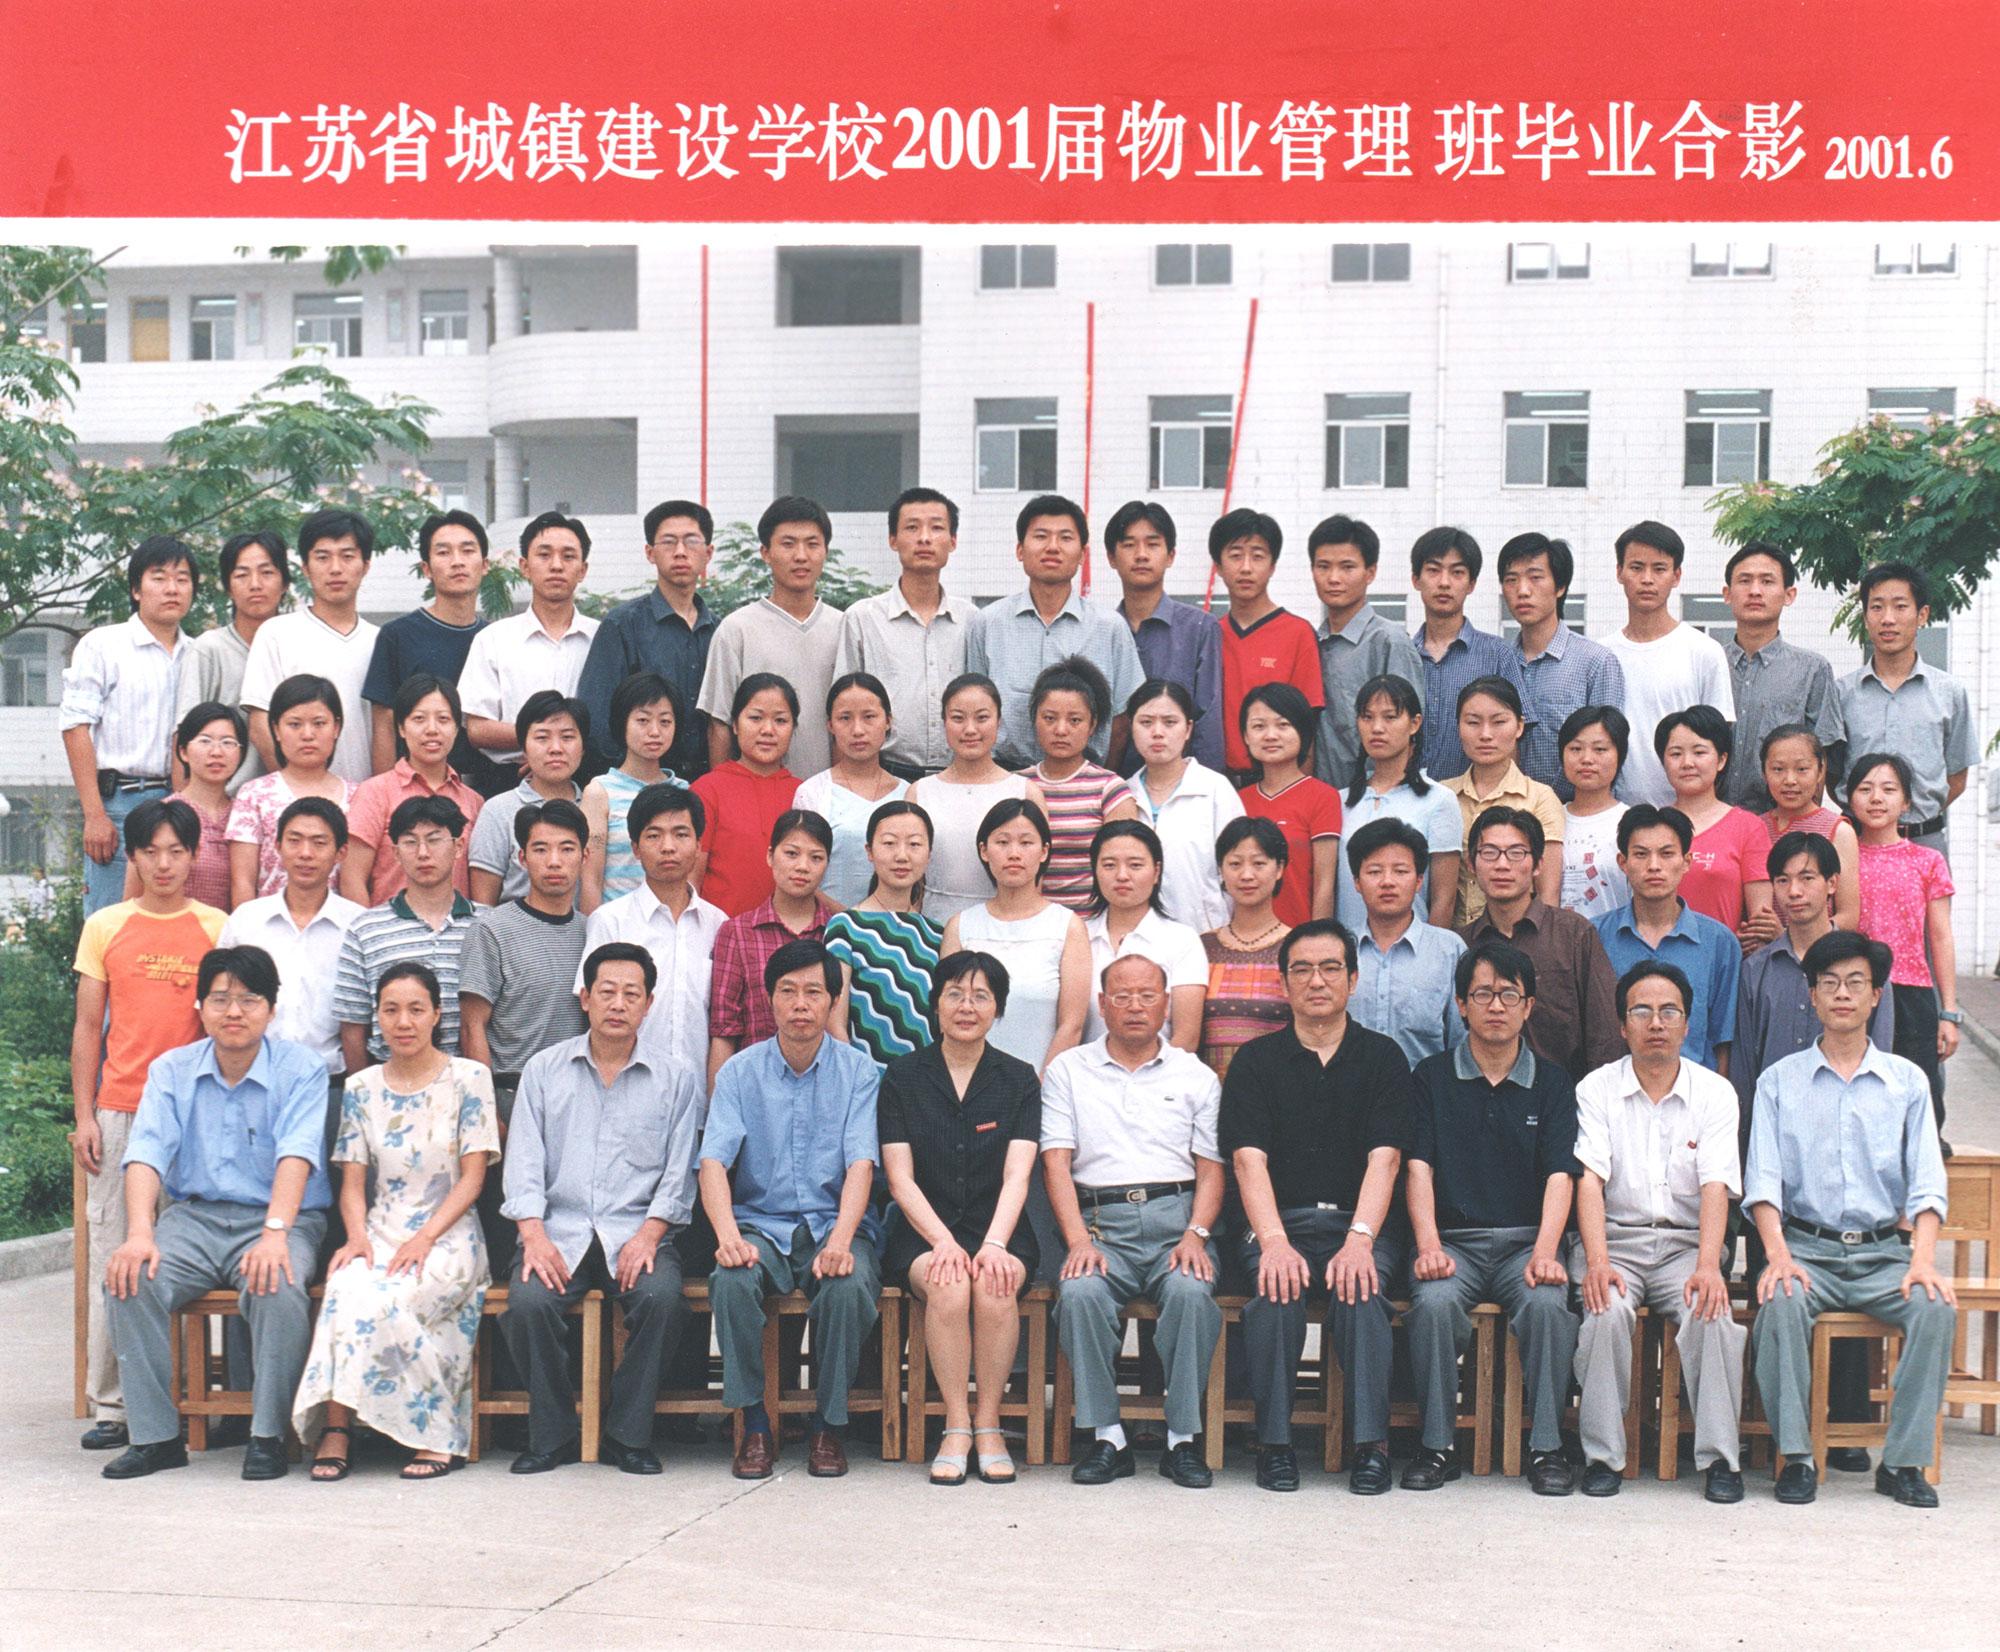 2001届物业管理班毕业合影